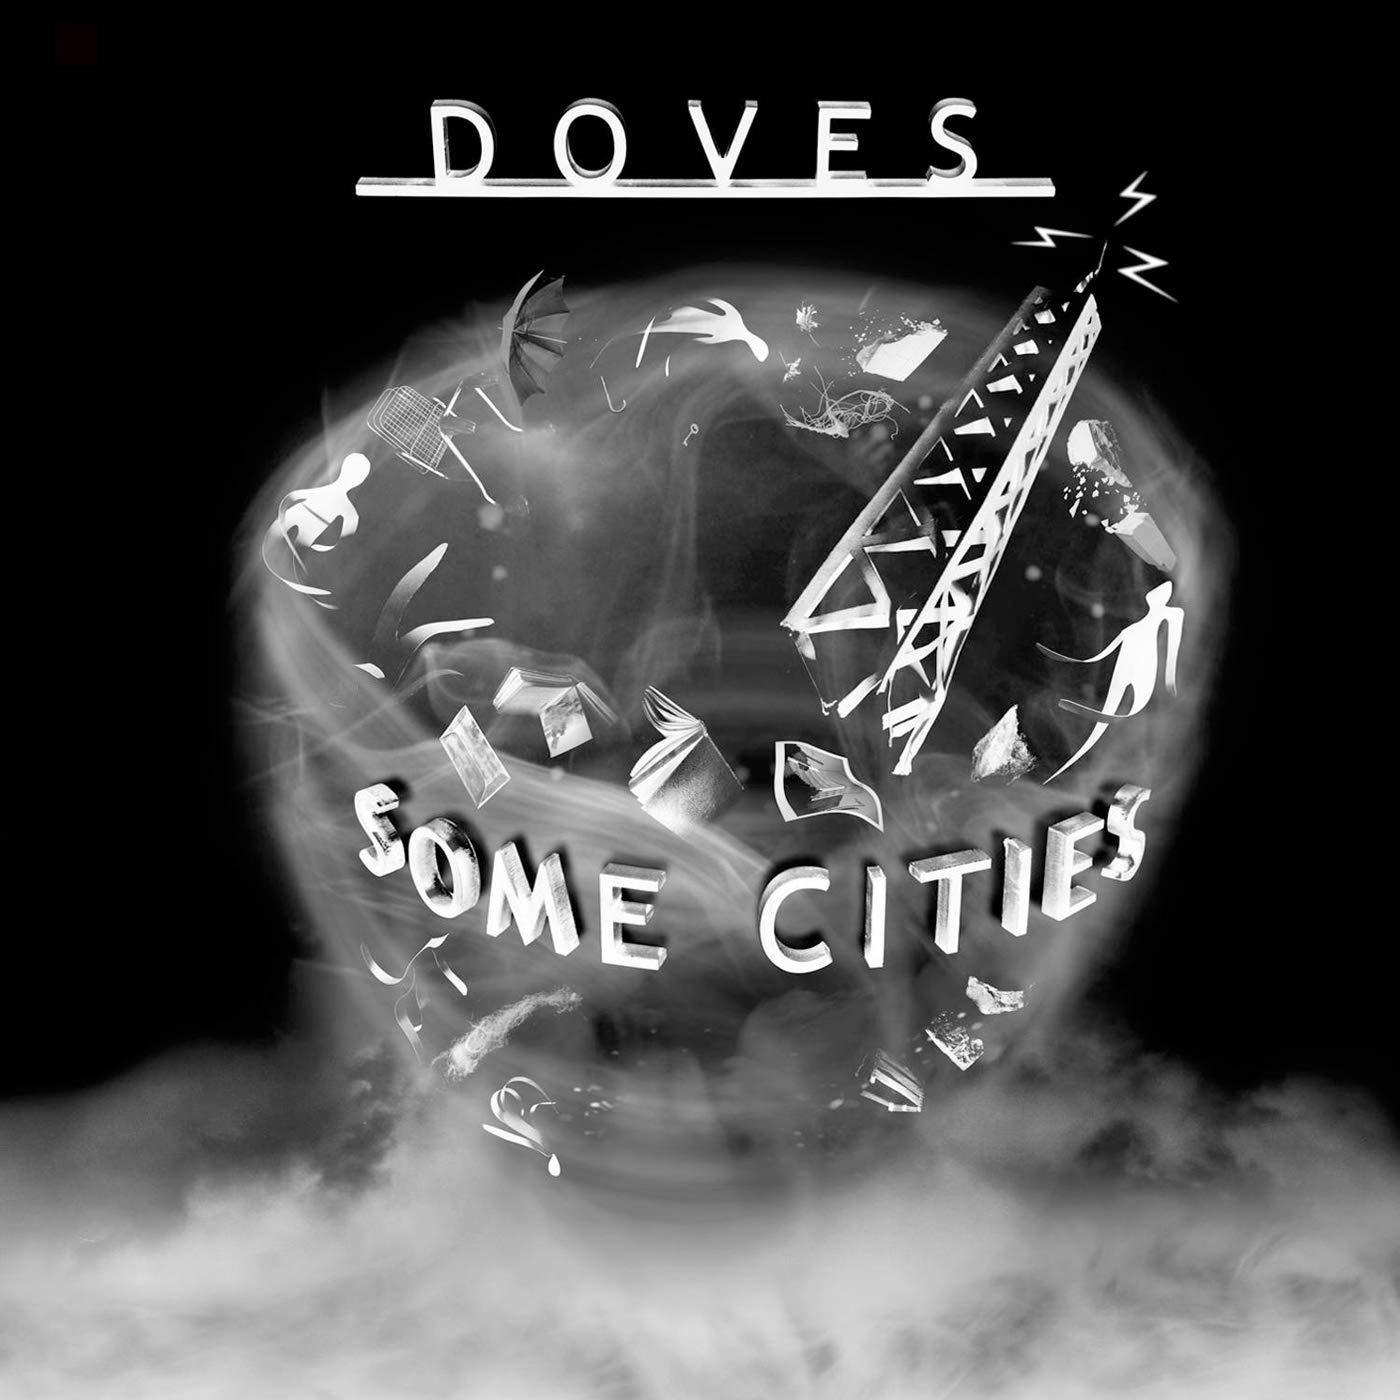 Doves - Some Cities (White Double Vinyl) £14.99 (Prime) / £17.98 (non Prime) at Amazon